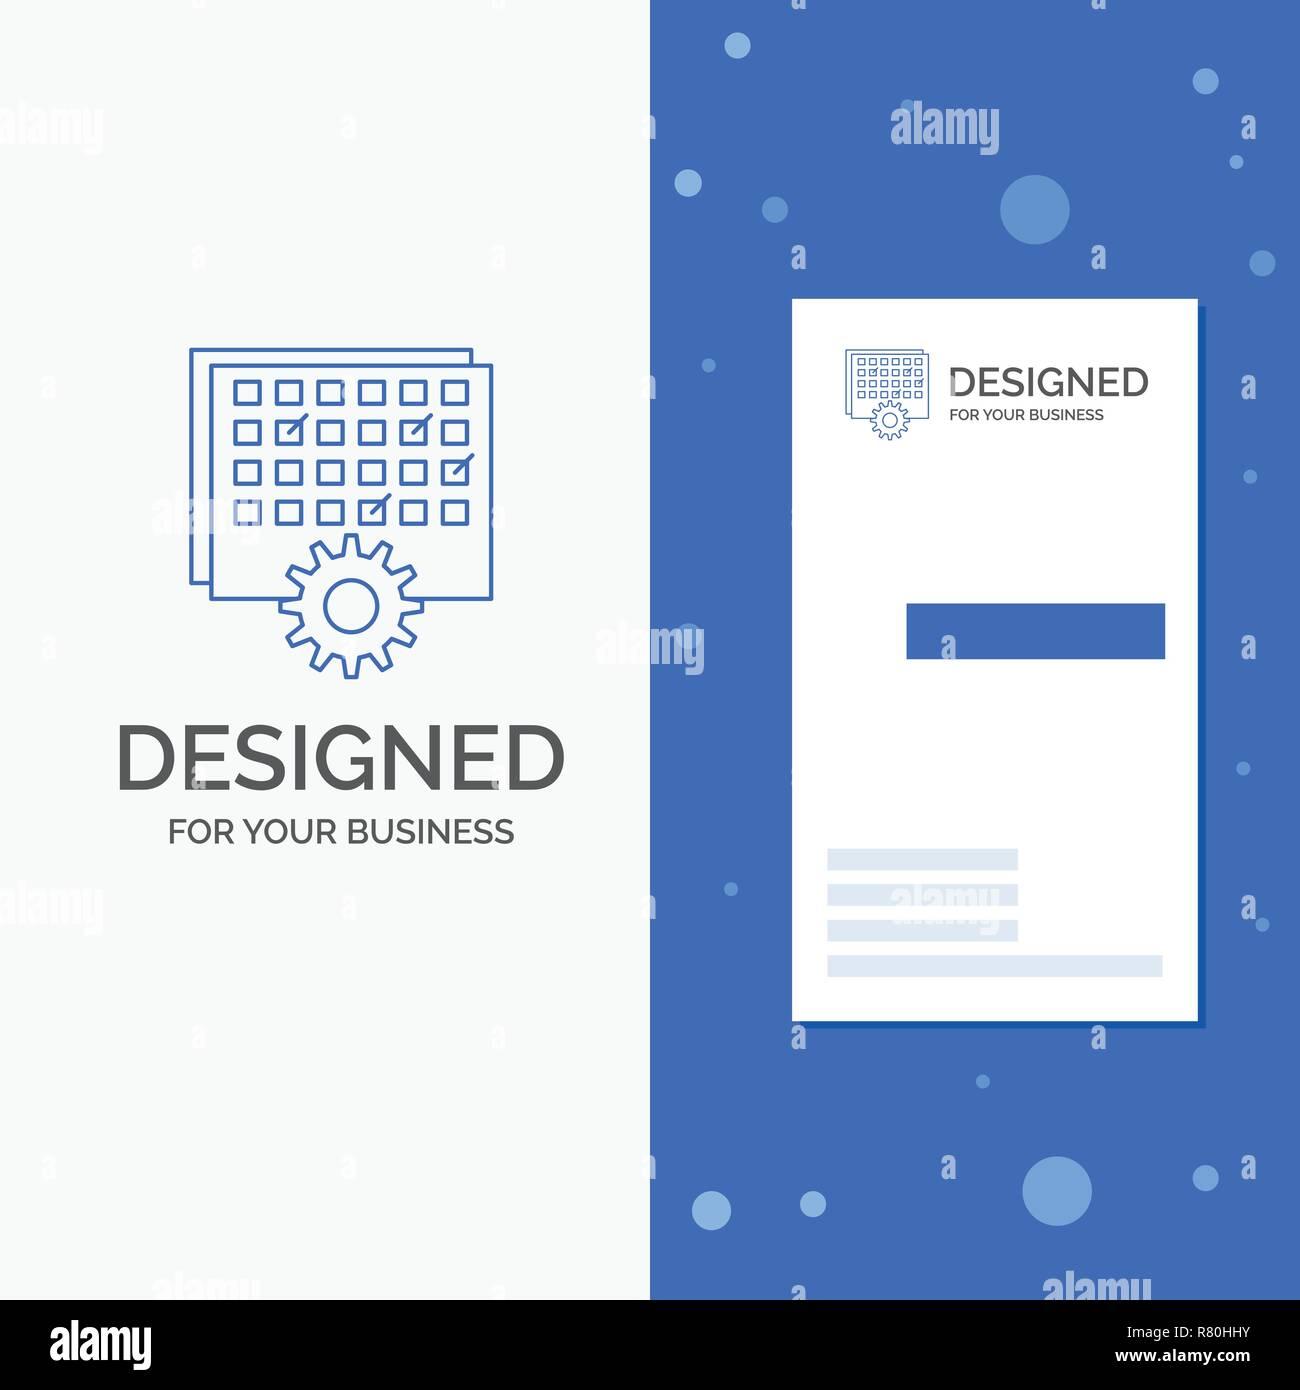 Logo Dentreprise Pour Levenement La Gestion Le Traitement Lannexe Calendrier Bleu Vertical Affaires Modele De Carte Visite